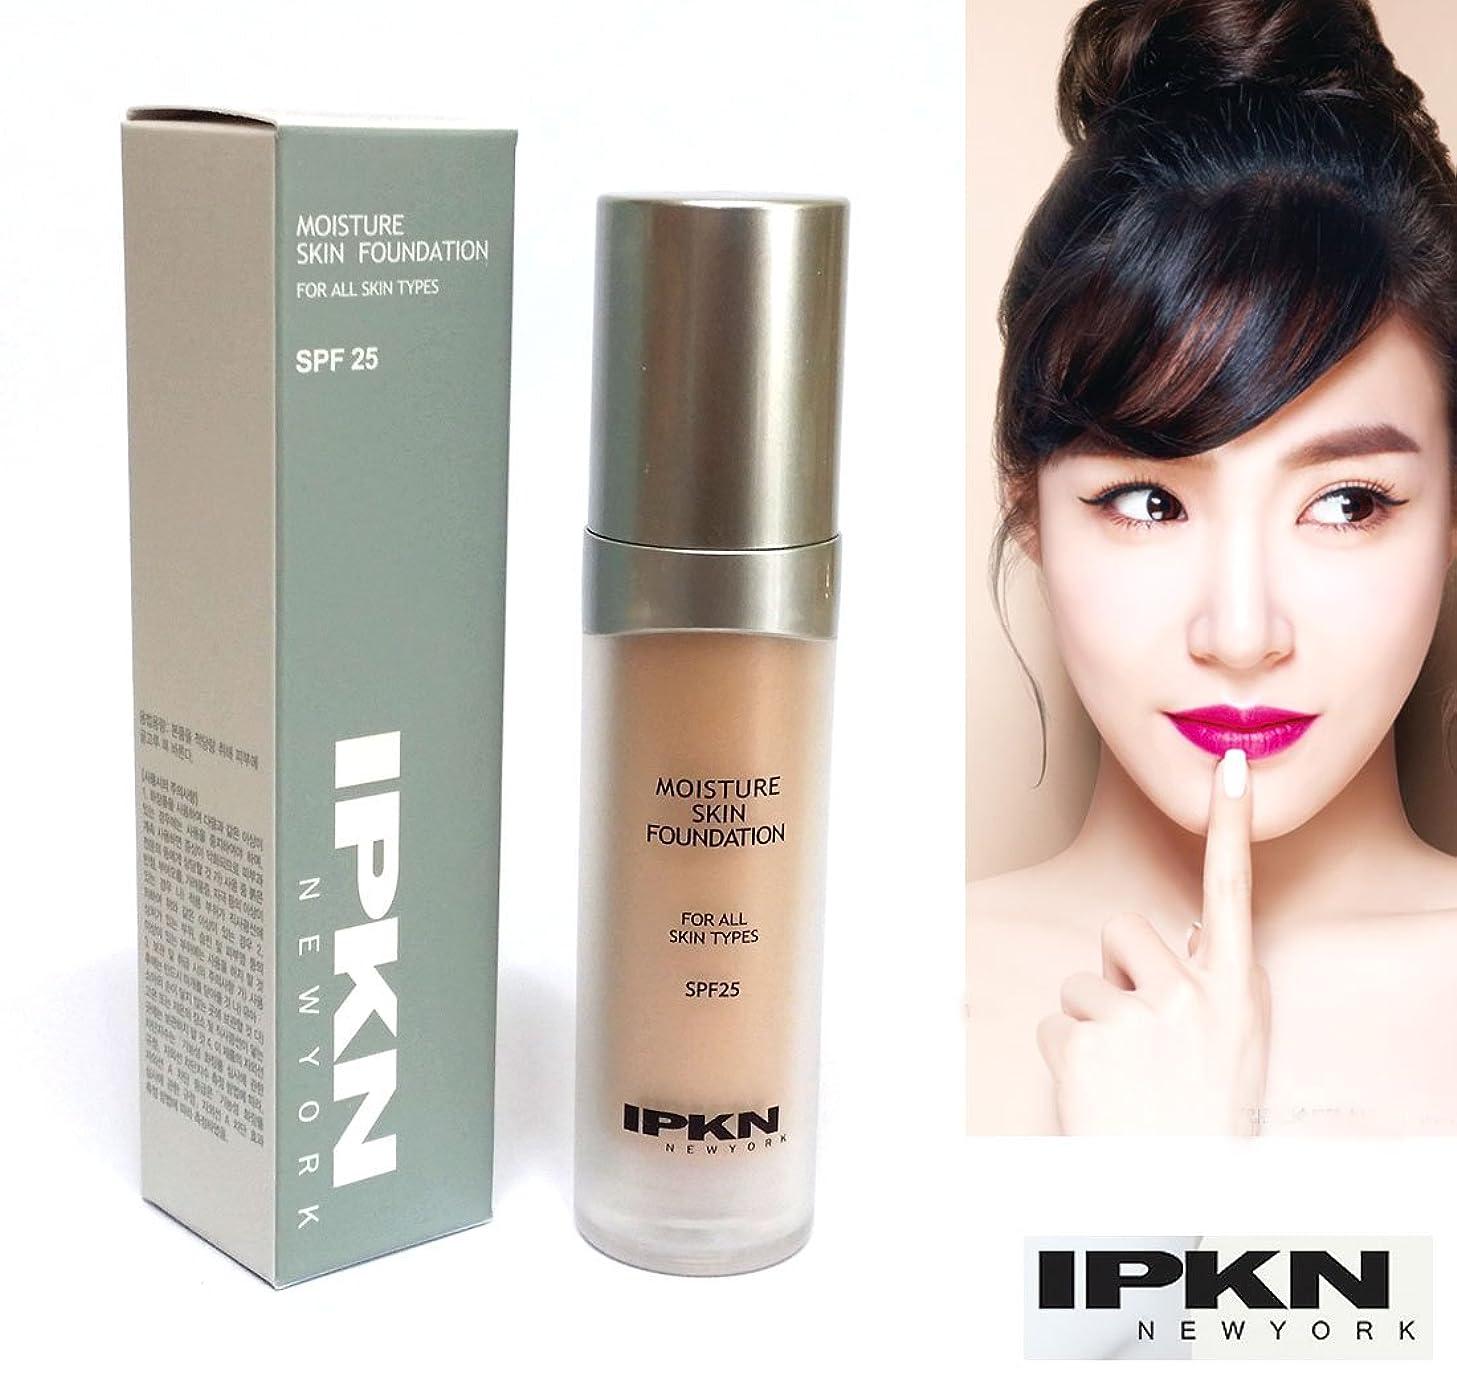 コンパクトハント再び[IPKN] モイスチャースキンファンデーション35ml (23号 - 自然なベージュ) / Moisture Skin Foundation 35ml (No.23 - natural beige) / しっとり&つやのある肌 / moist & radiant skin / 韓国化粧品 / Korean Cosmetics [並行輸入品]